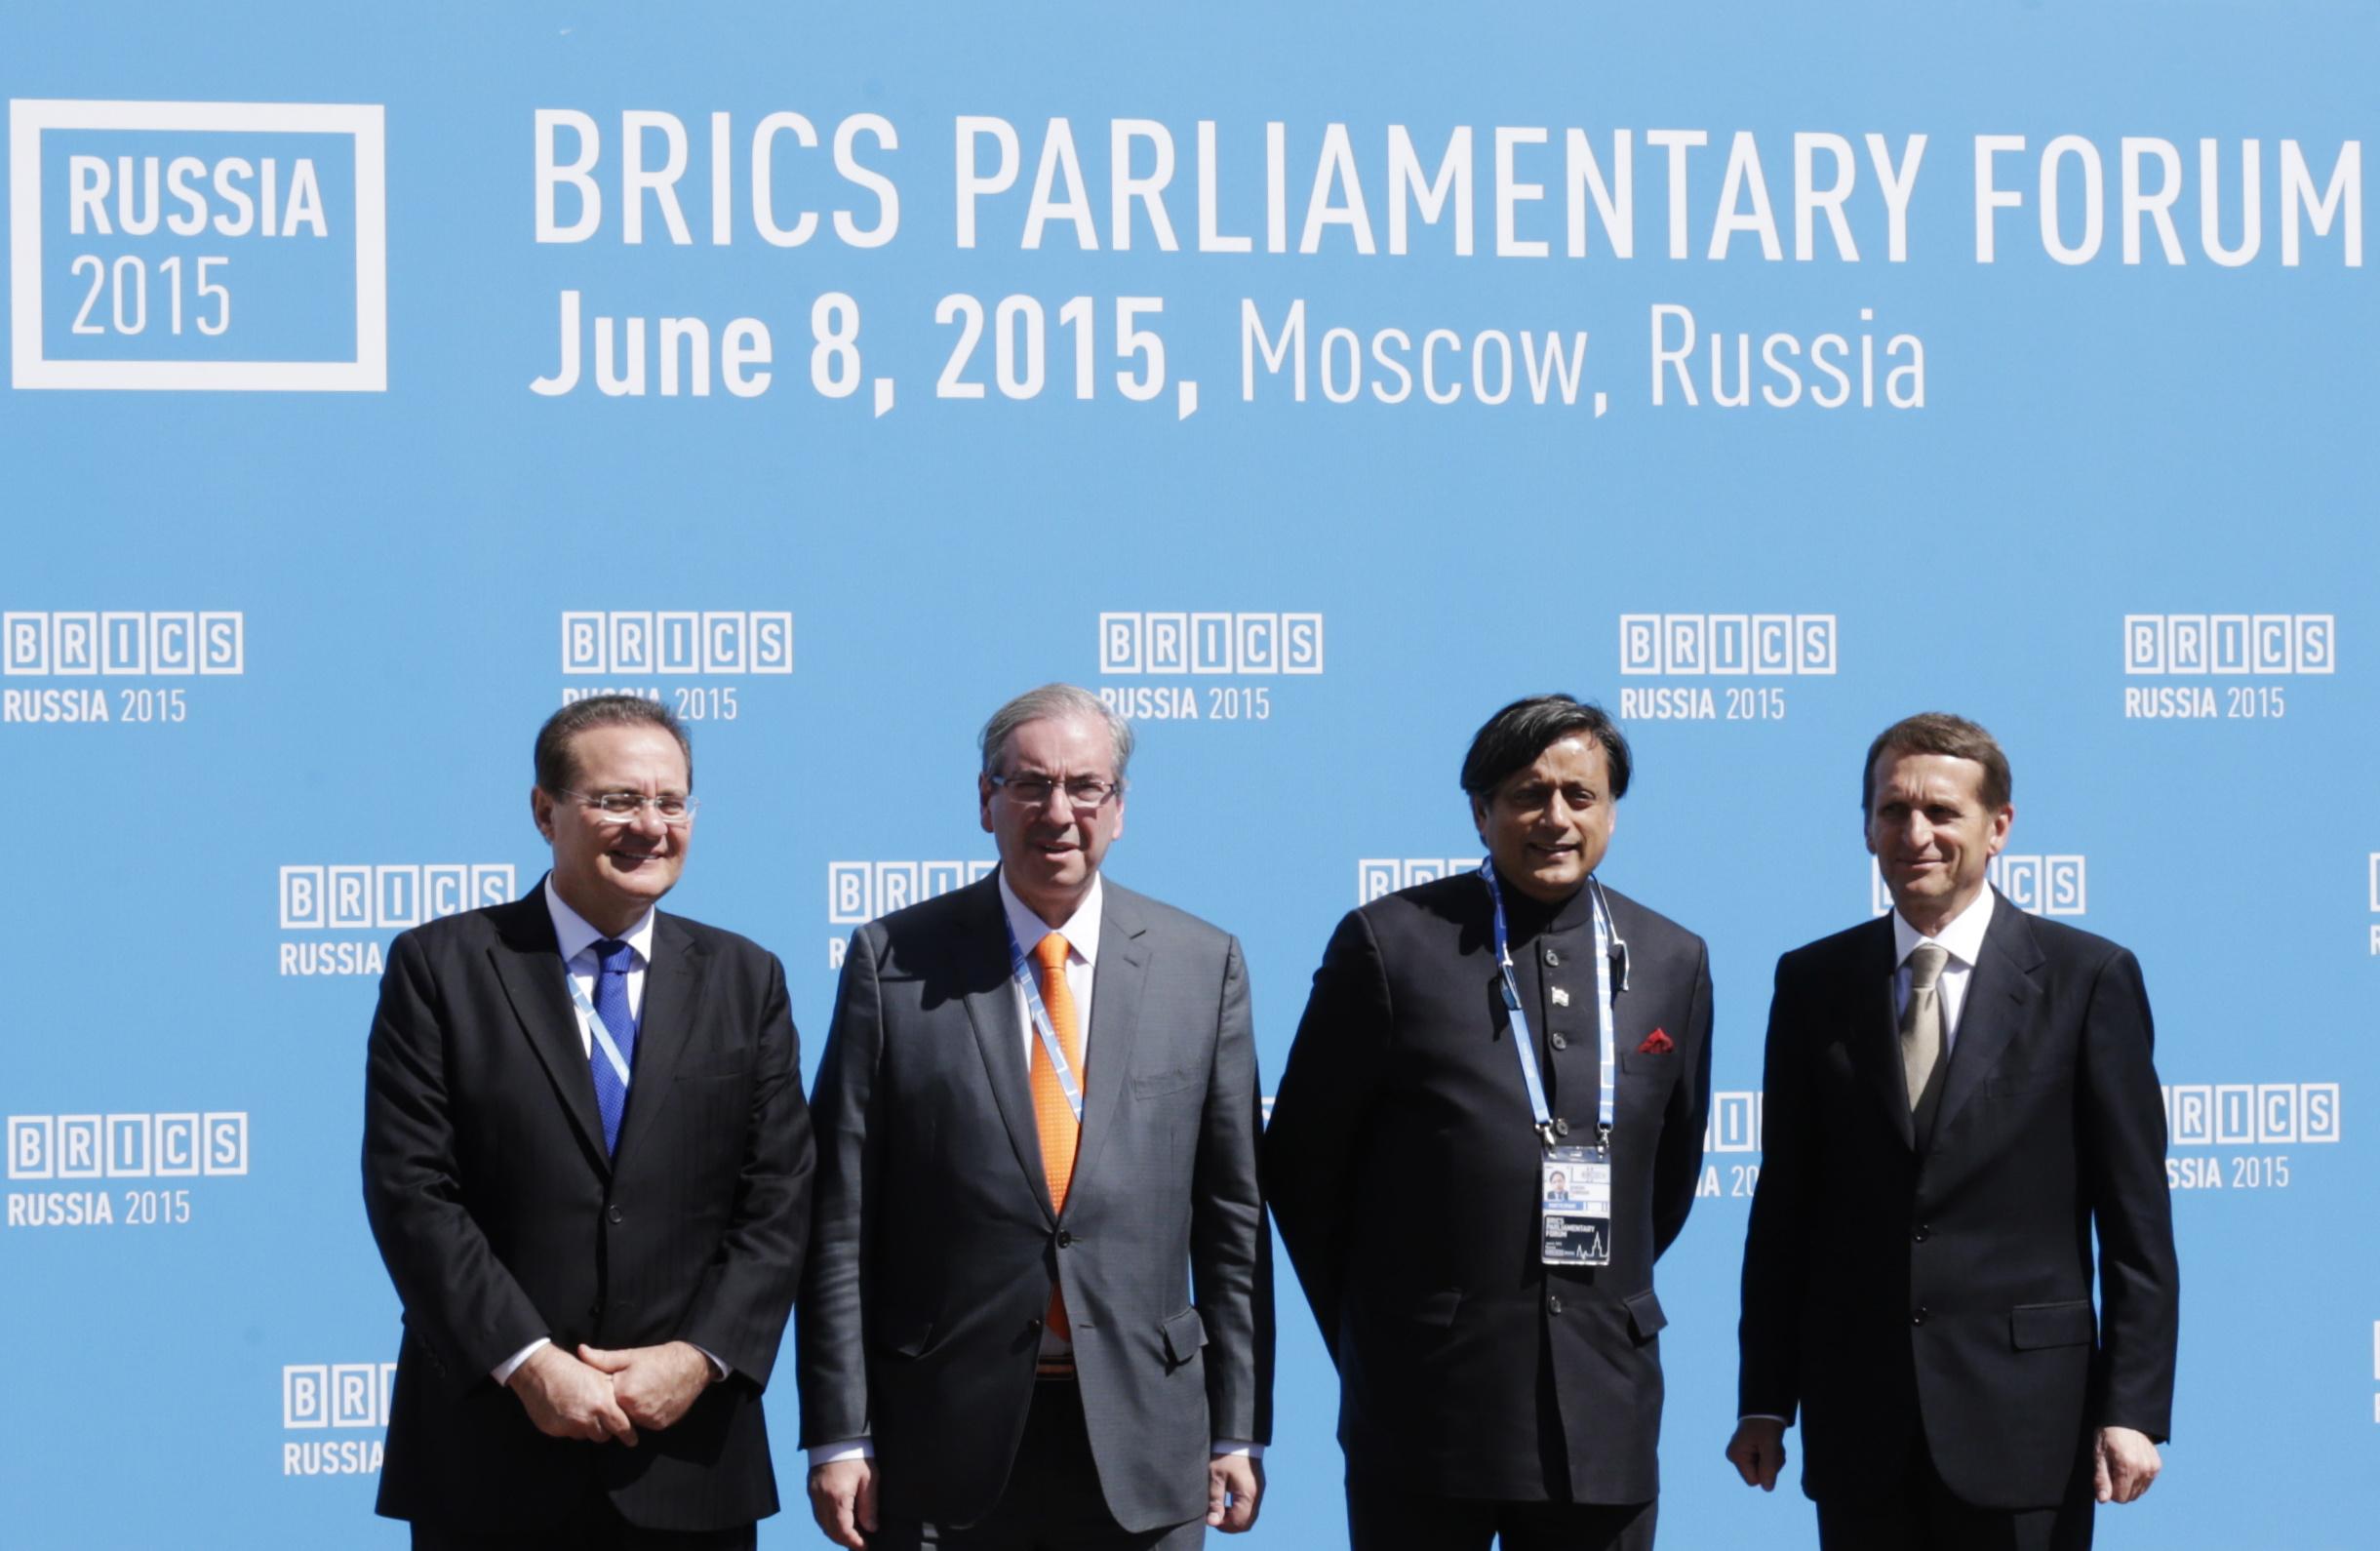 Парламентарната асамблея на БРИКС би могла да се заеме с хармонизирането на законодателството на страните-участнички.